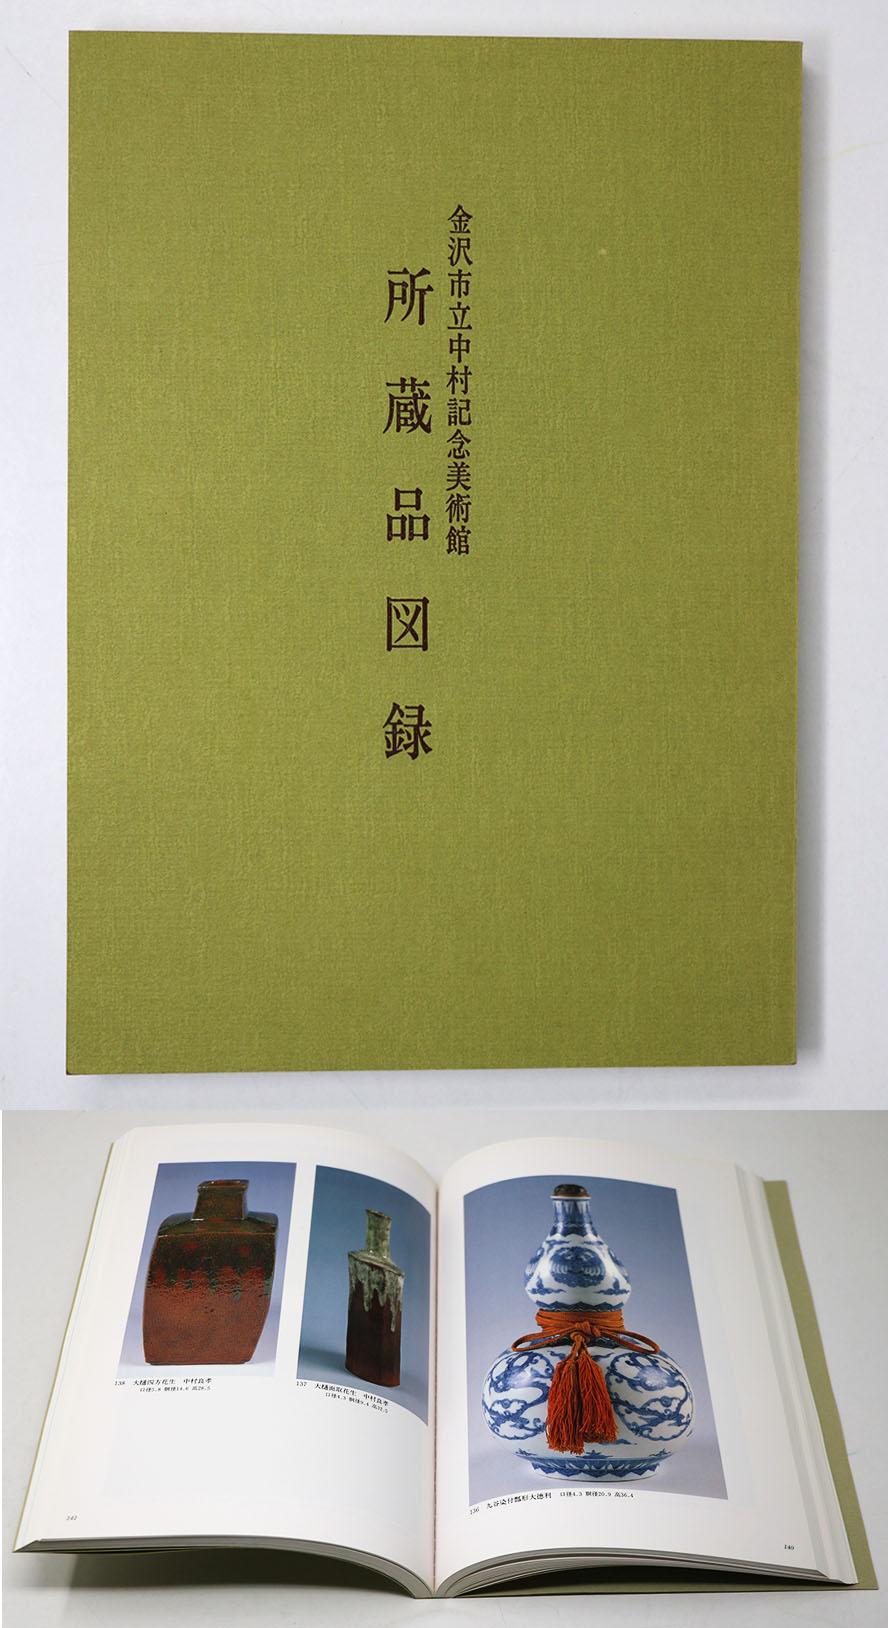 金沢市立中村記念美術館 所蔵品図録